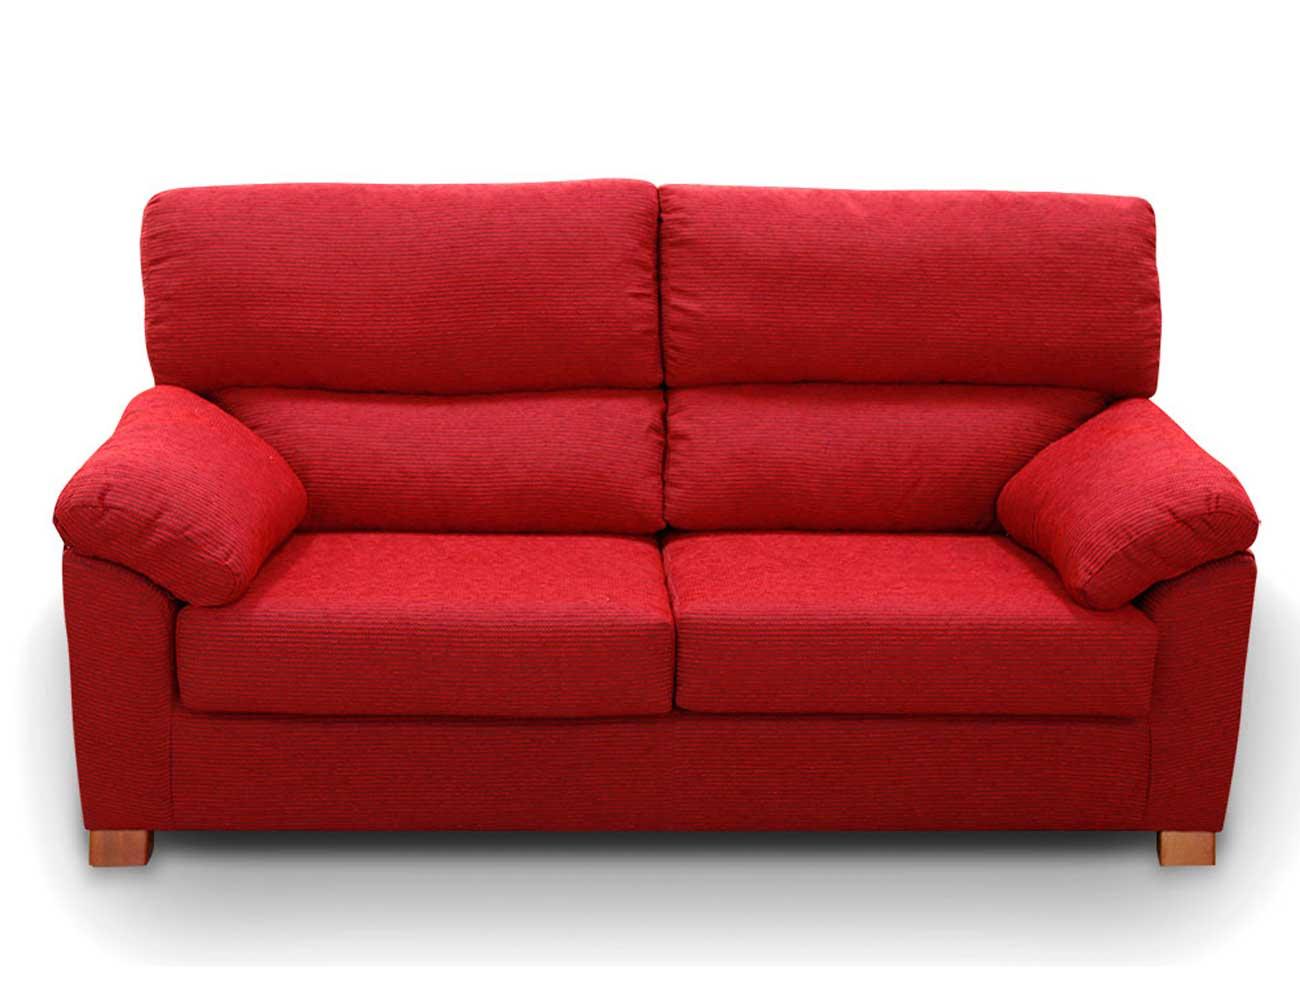 Sofa barato 3 plazas rojo10